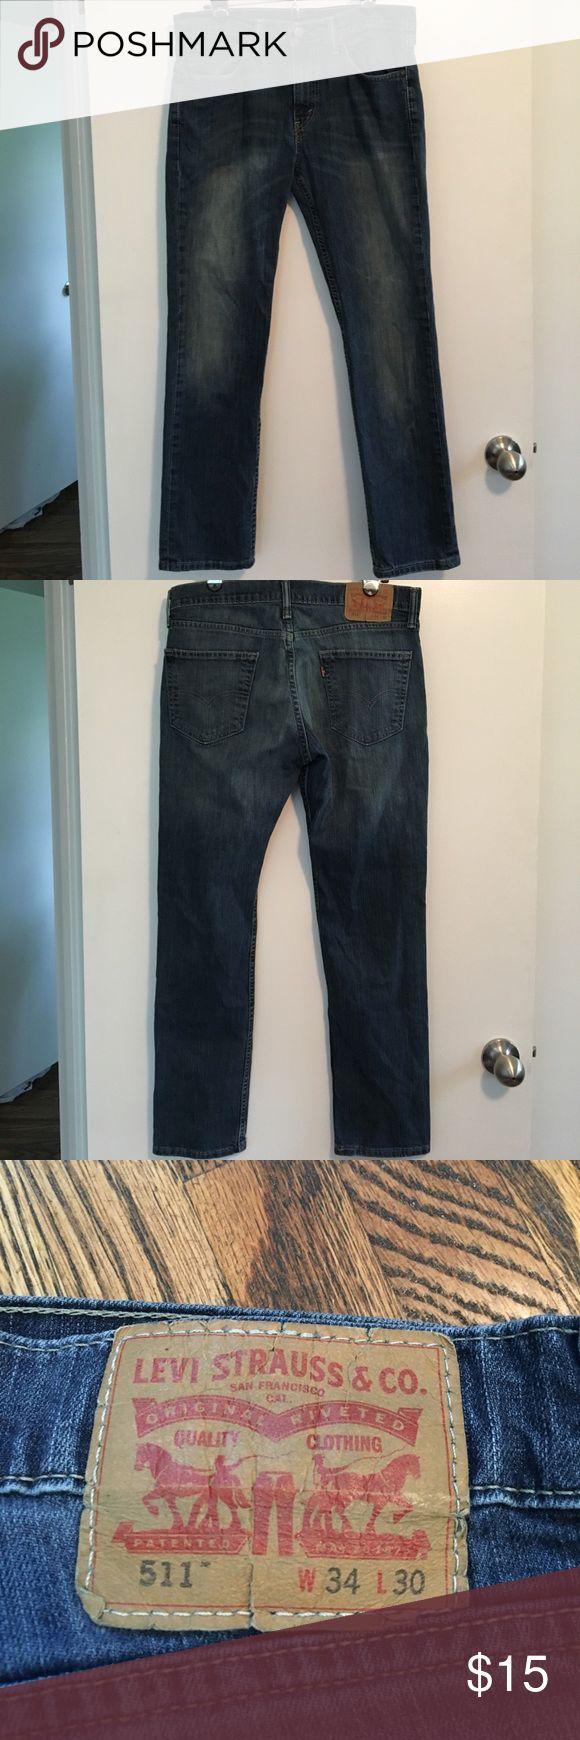 511 LEVI JEANS!!! 511 Cut, Size 34x30, Regular wash Levi's Jeans